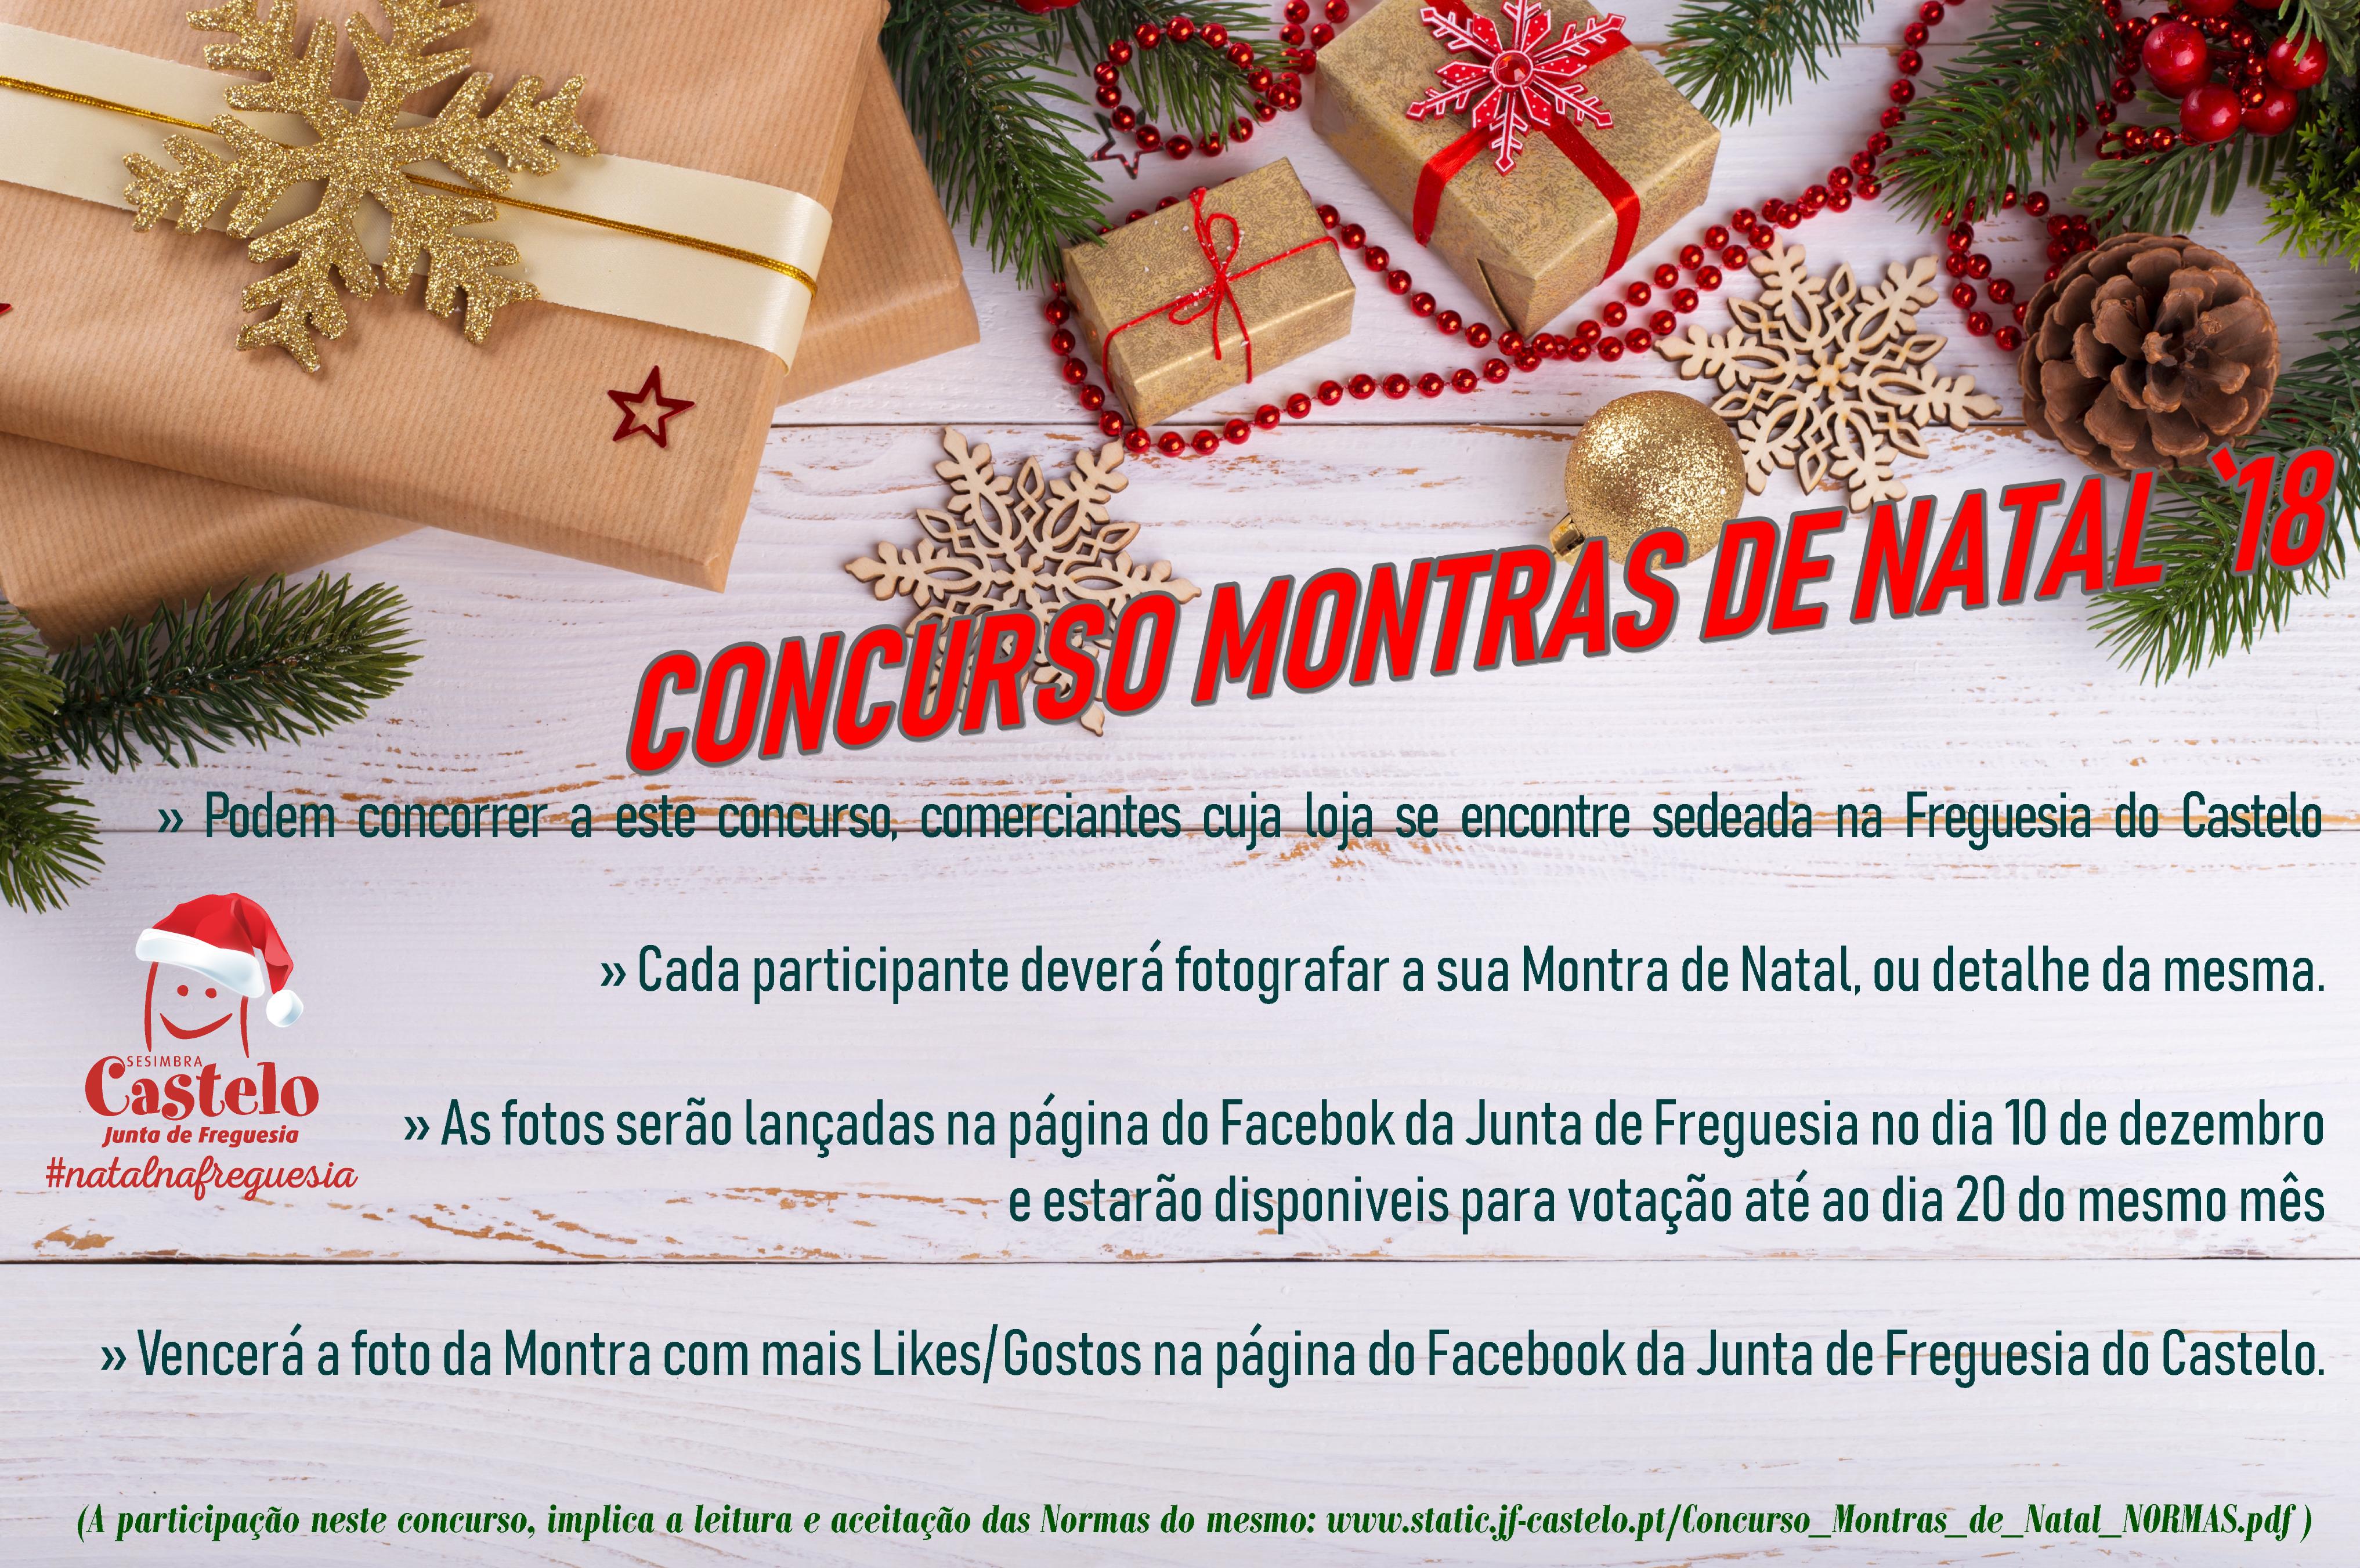 Concurso Montras de Natal `18